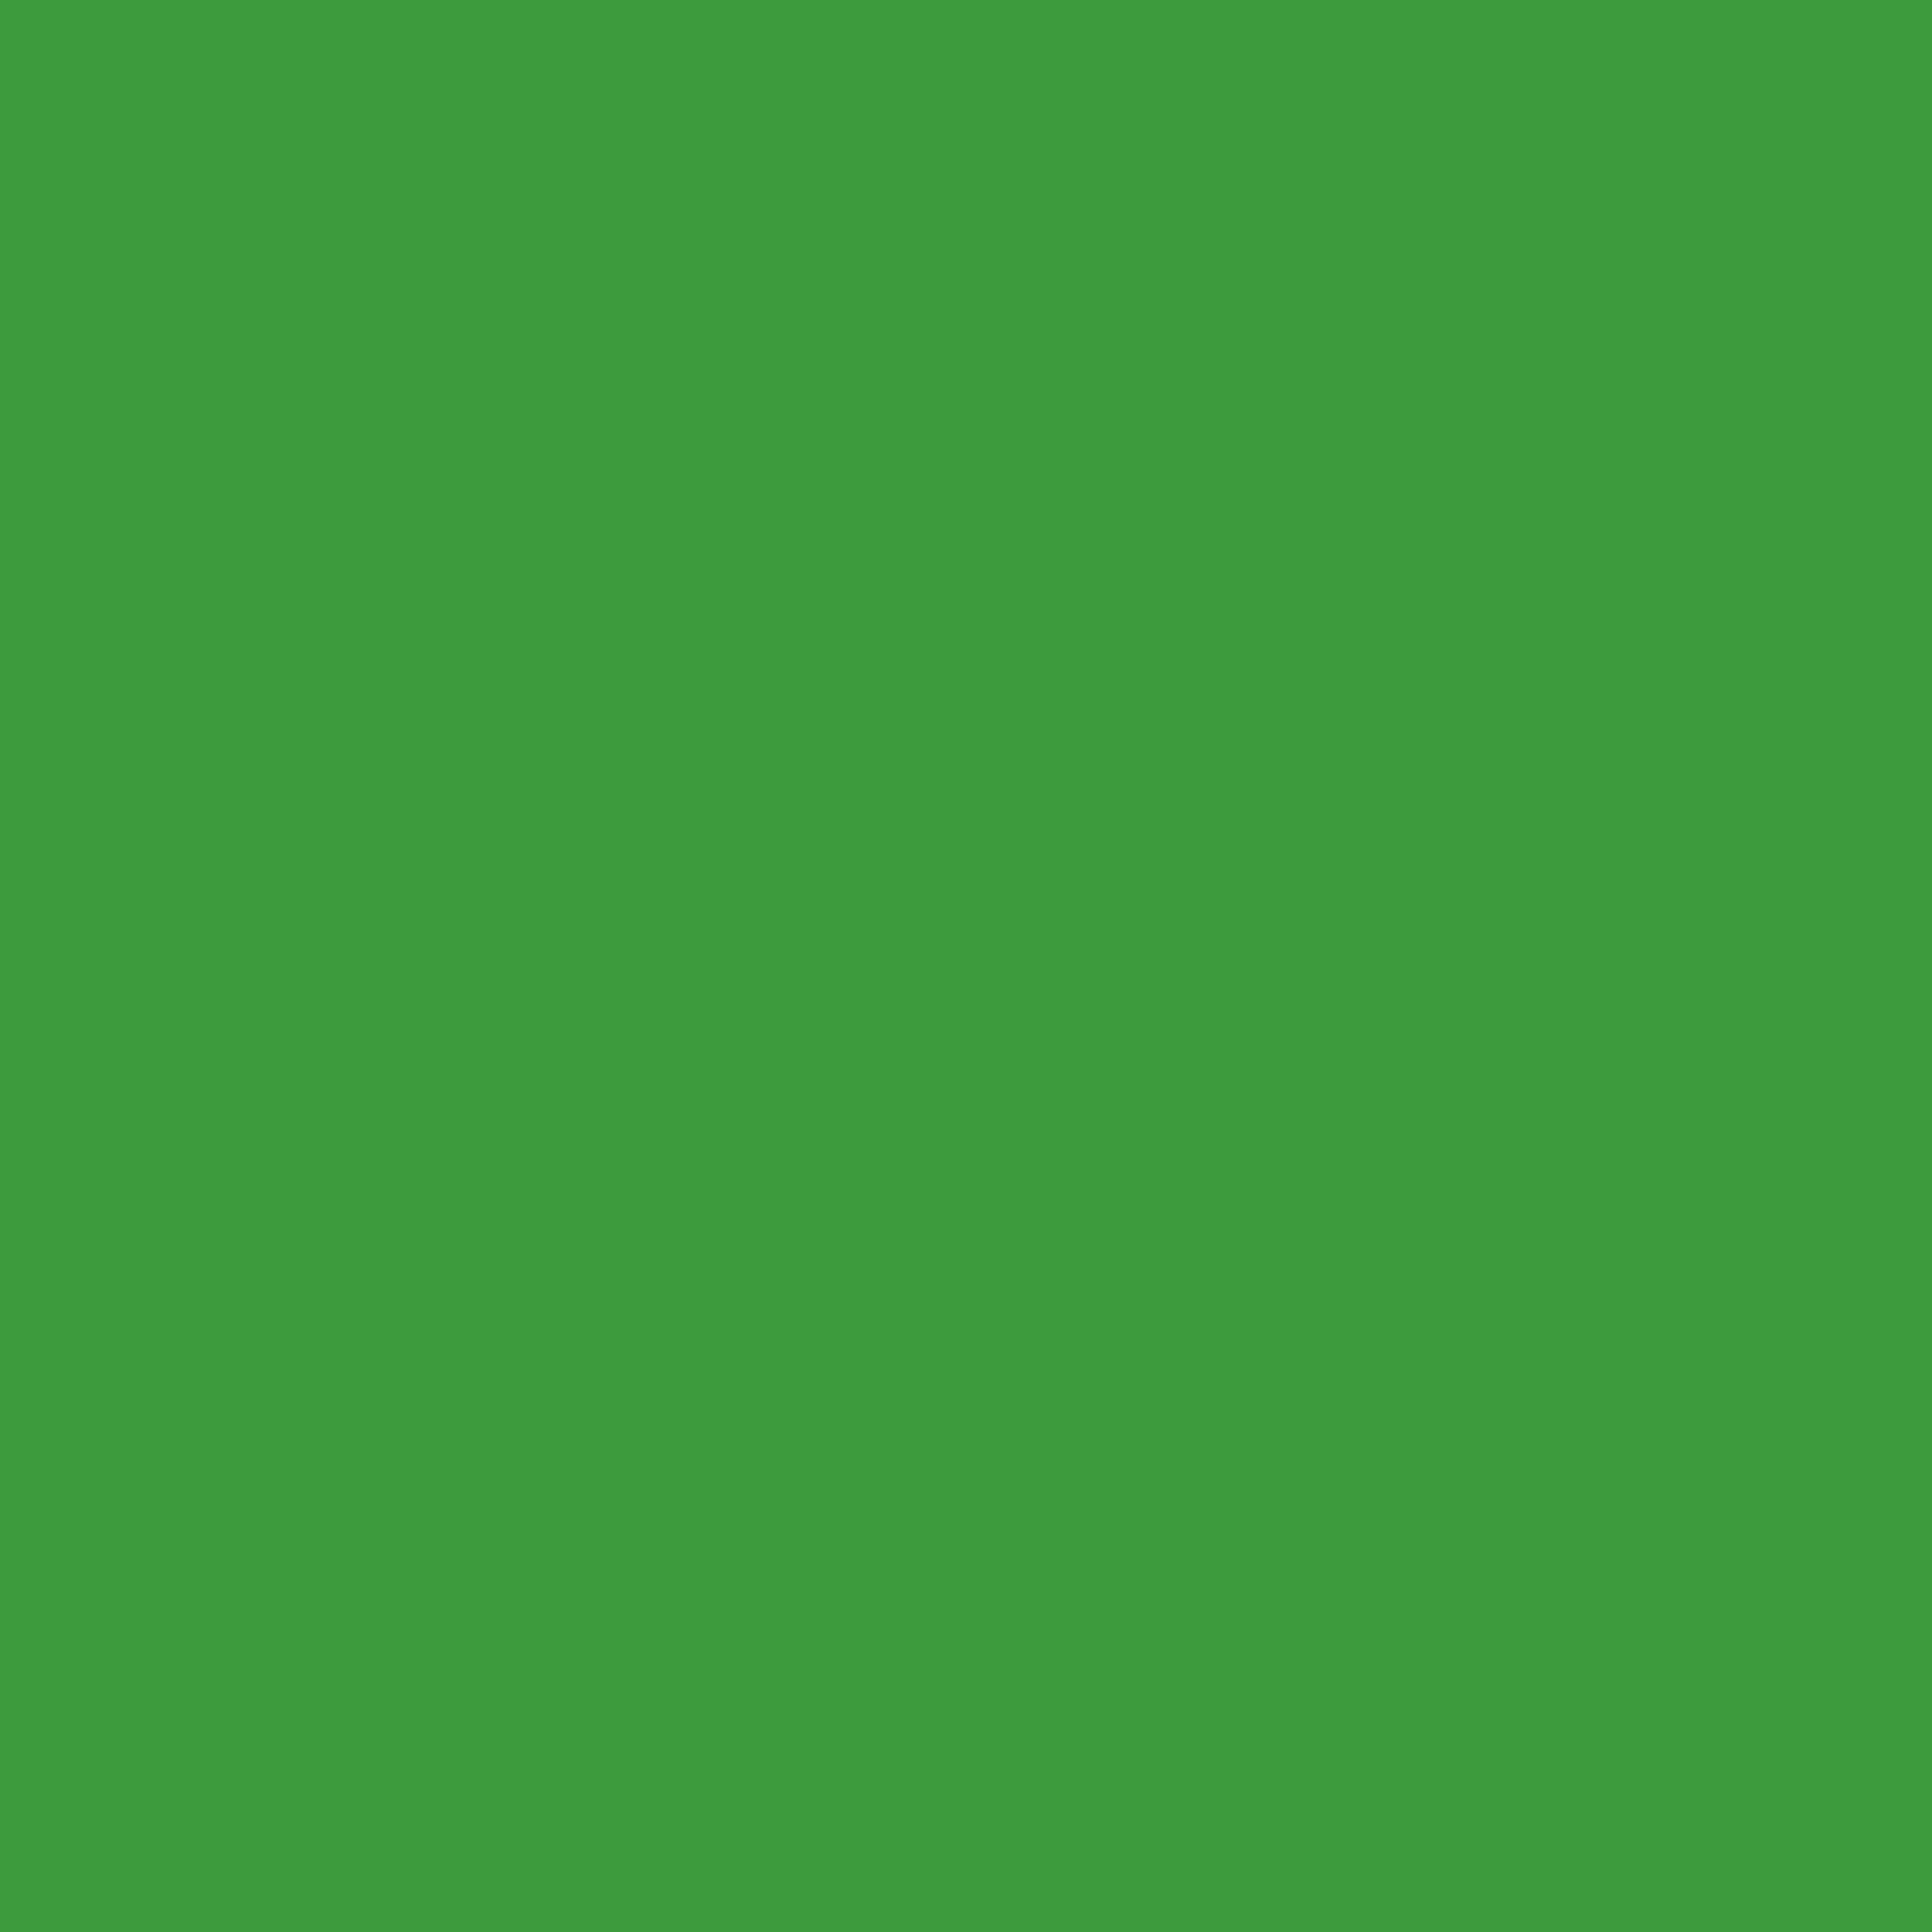 Grün-bunt